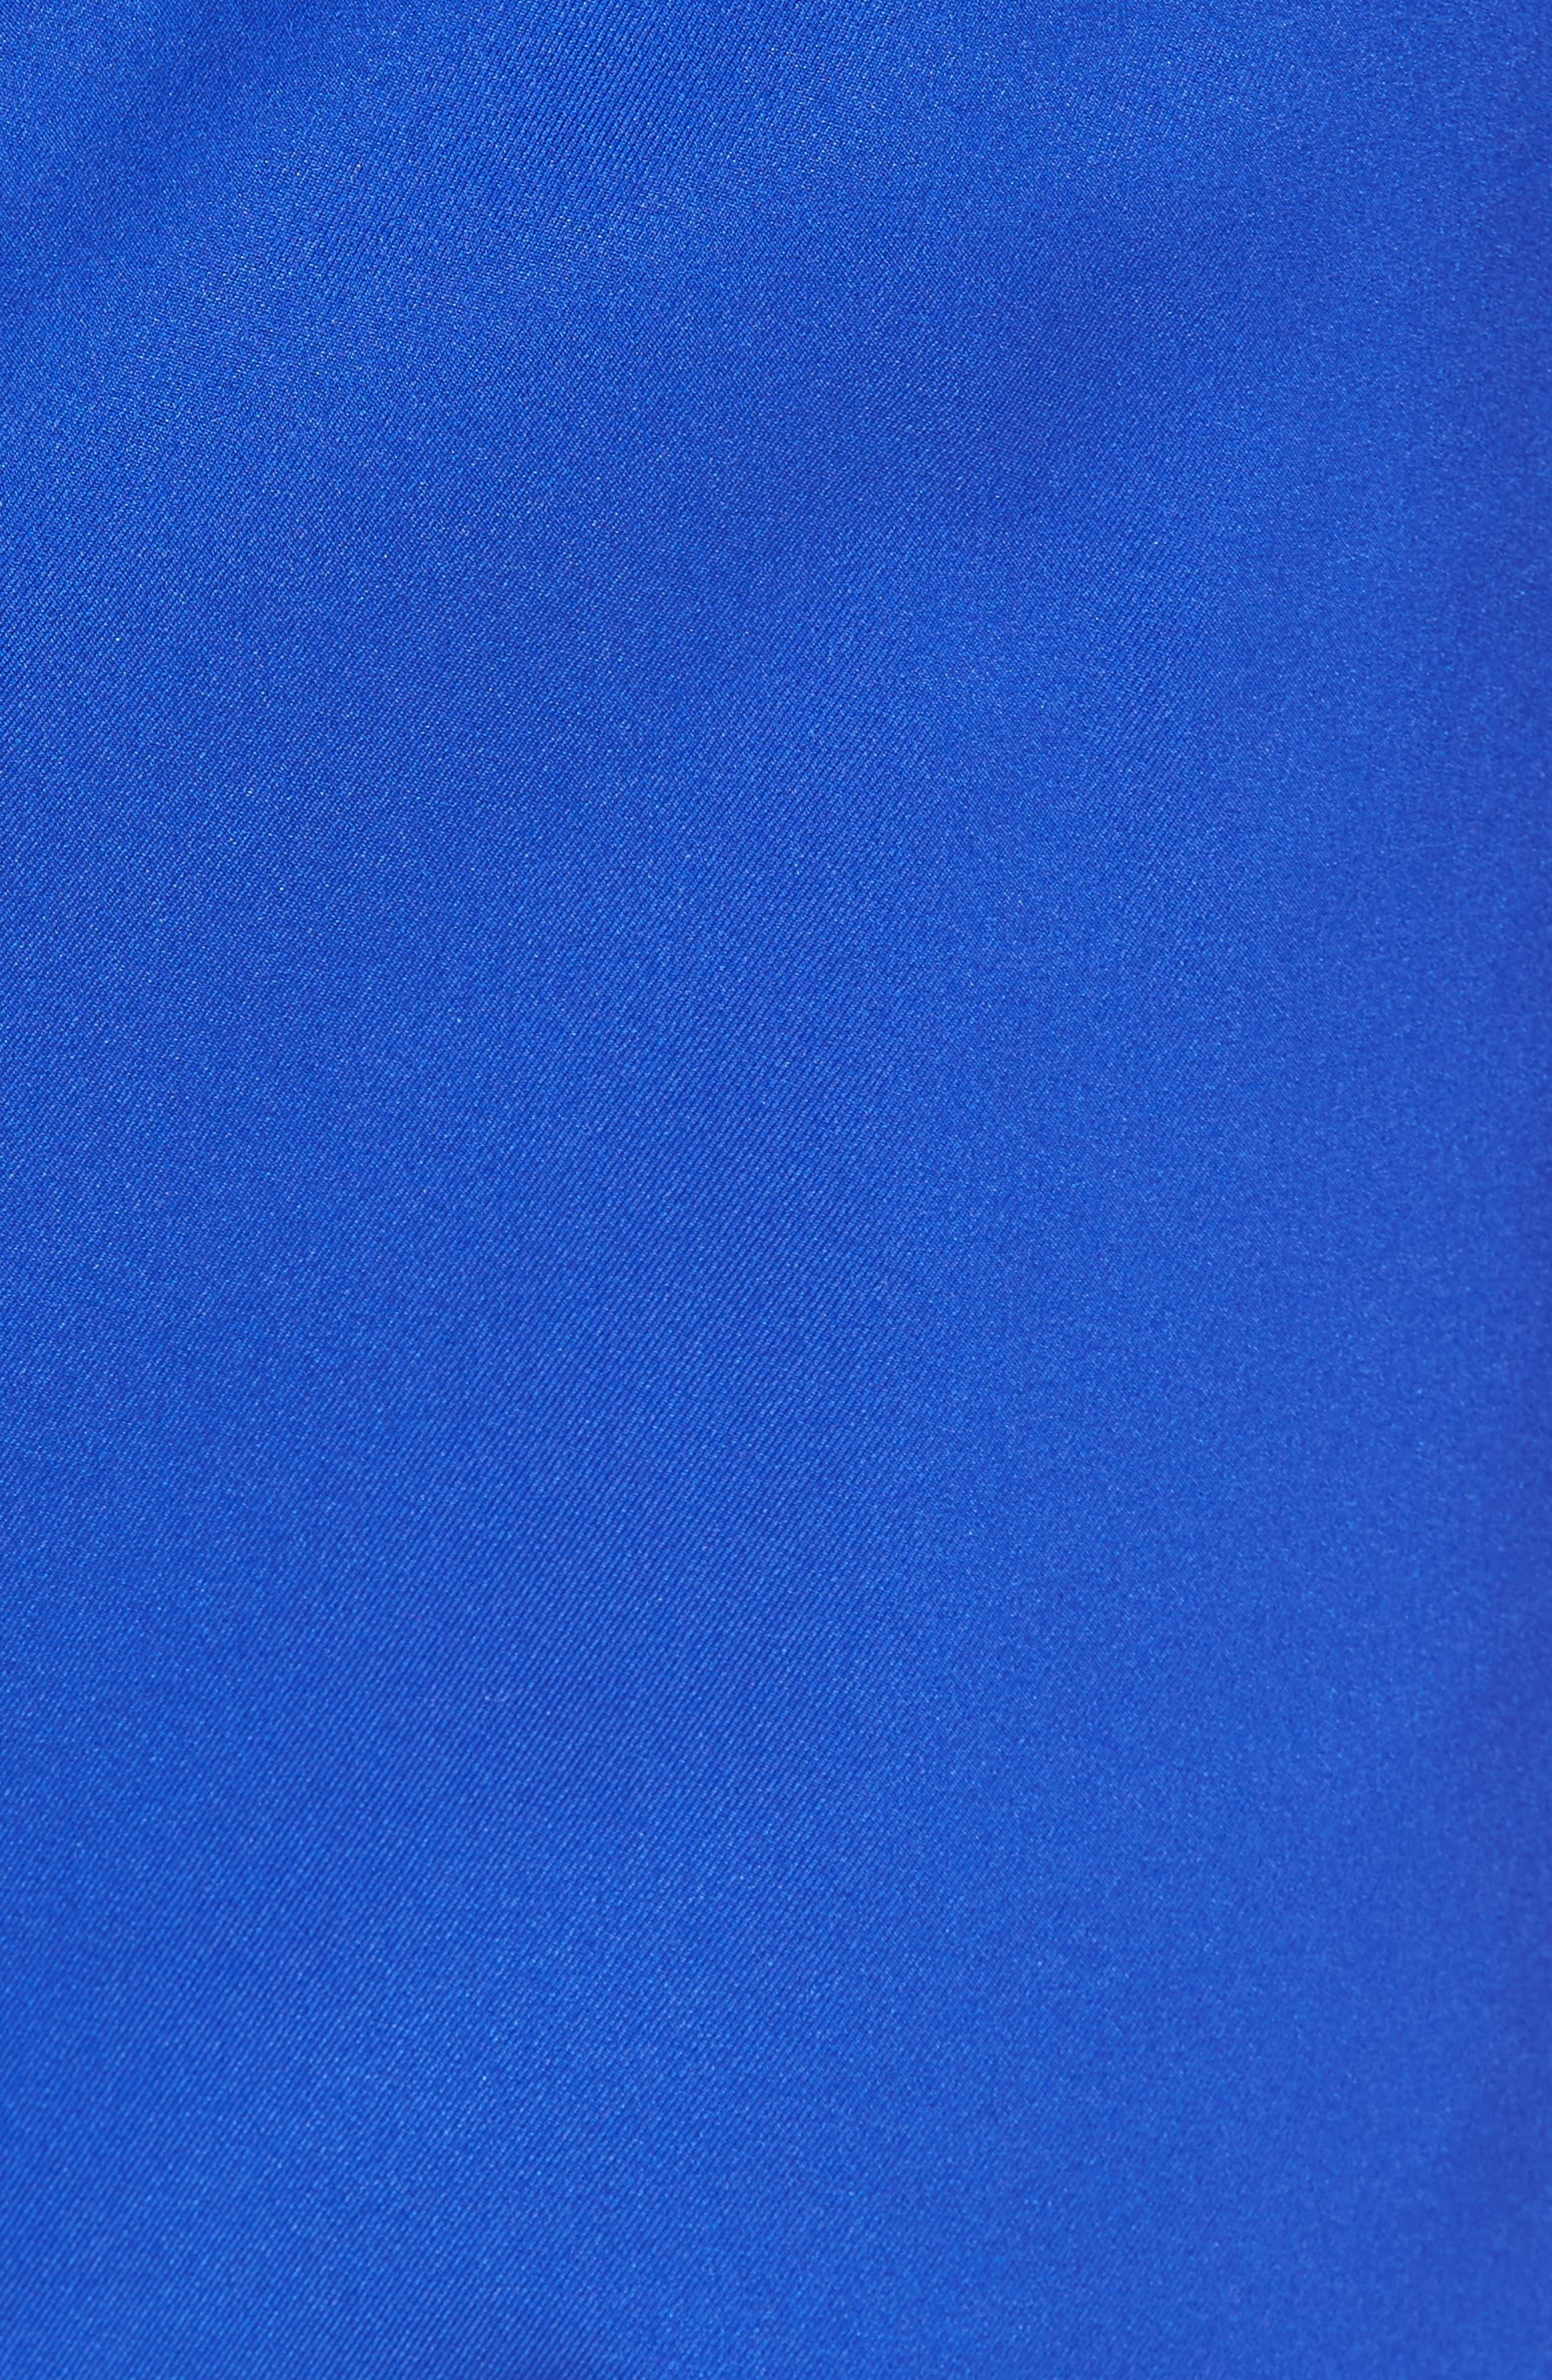 Vital Swim Trunks,                             Alternate thumbnail 5, color,                             Hyper Royal